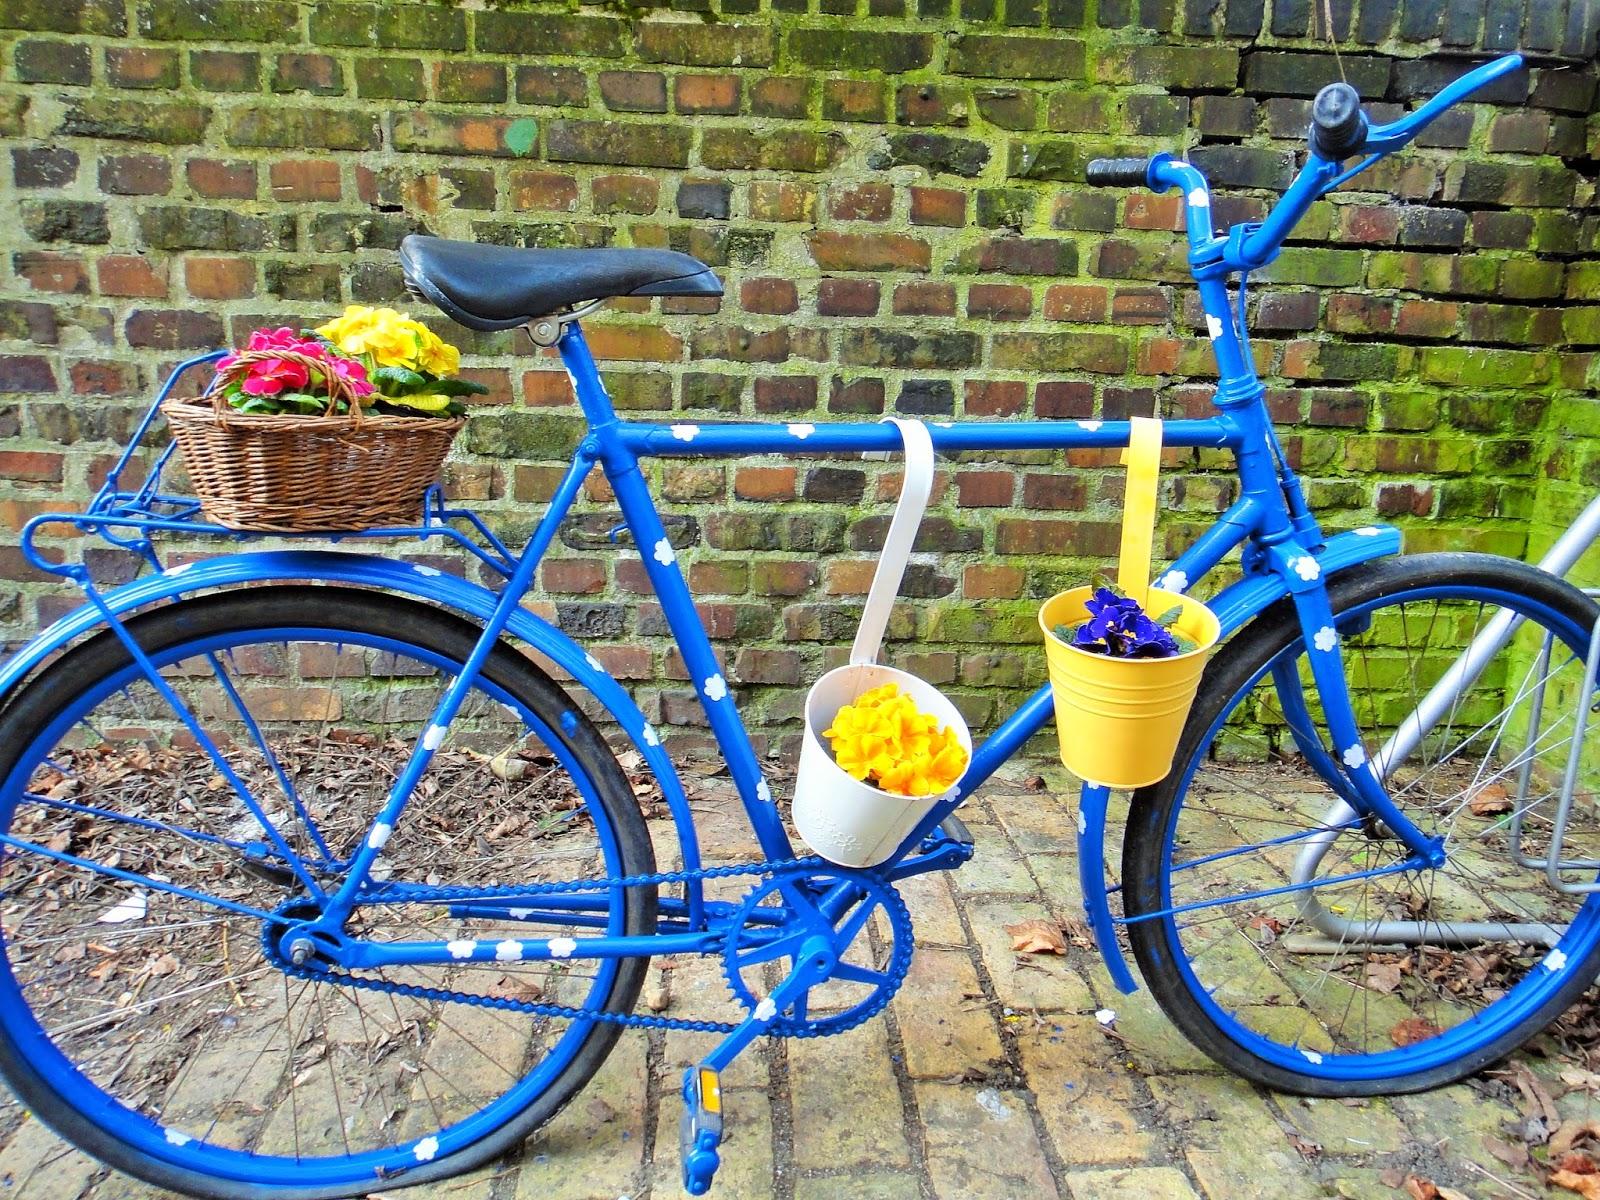 02+Frahrrad+mit+Blumen Erstaunlich Weihnachtsdeko Ideen Für Draußen Dekorationen